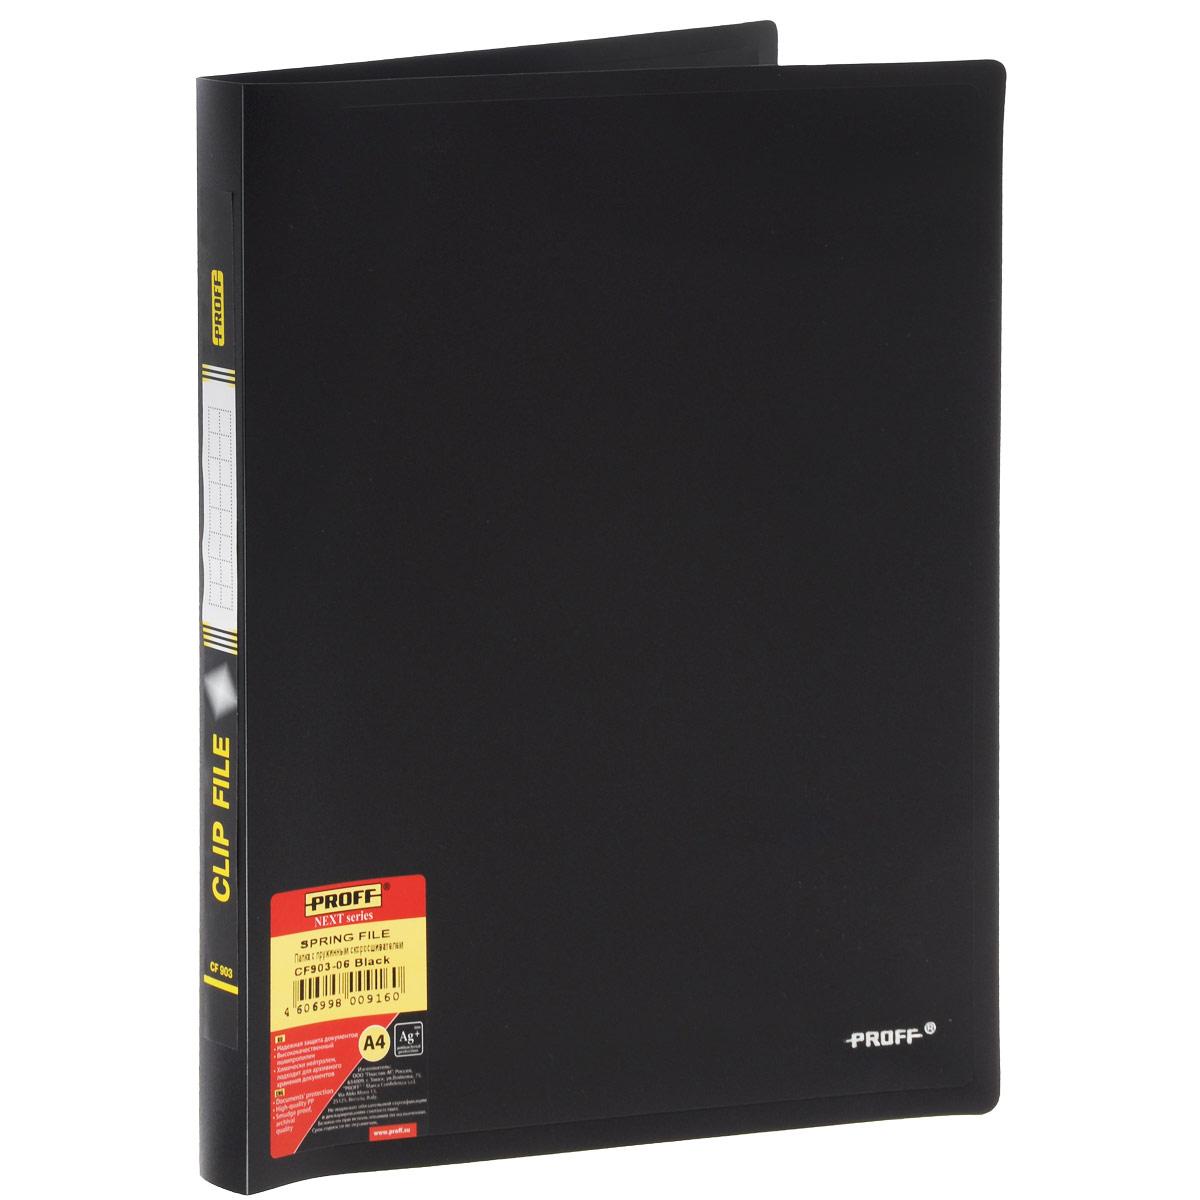 Папка-скоросшиватель Proff Next, цвет: черный. Формат А4. CF903-06 ecola ecola gx53 led 8003a светильник накладной ip65 прозрачный цилиндр металл 1 gx53 белый матовый 114x1